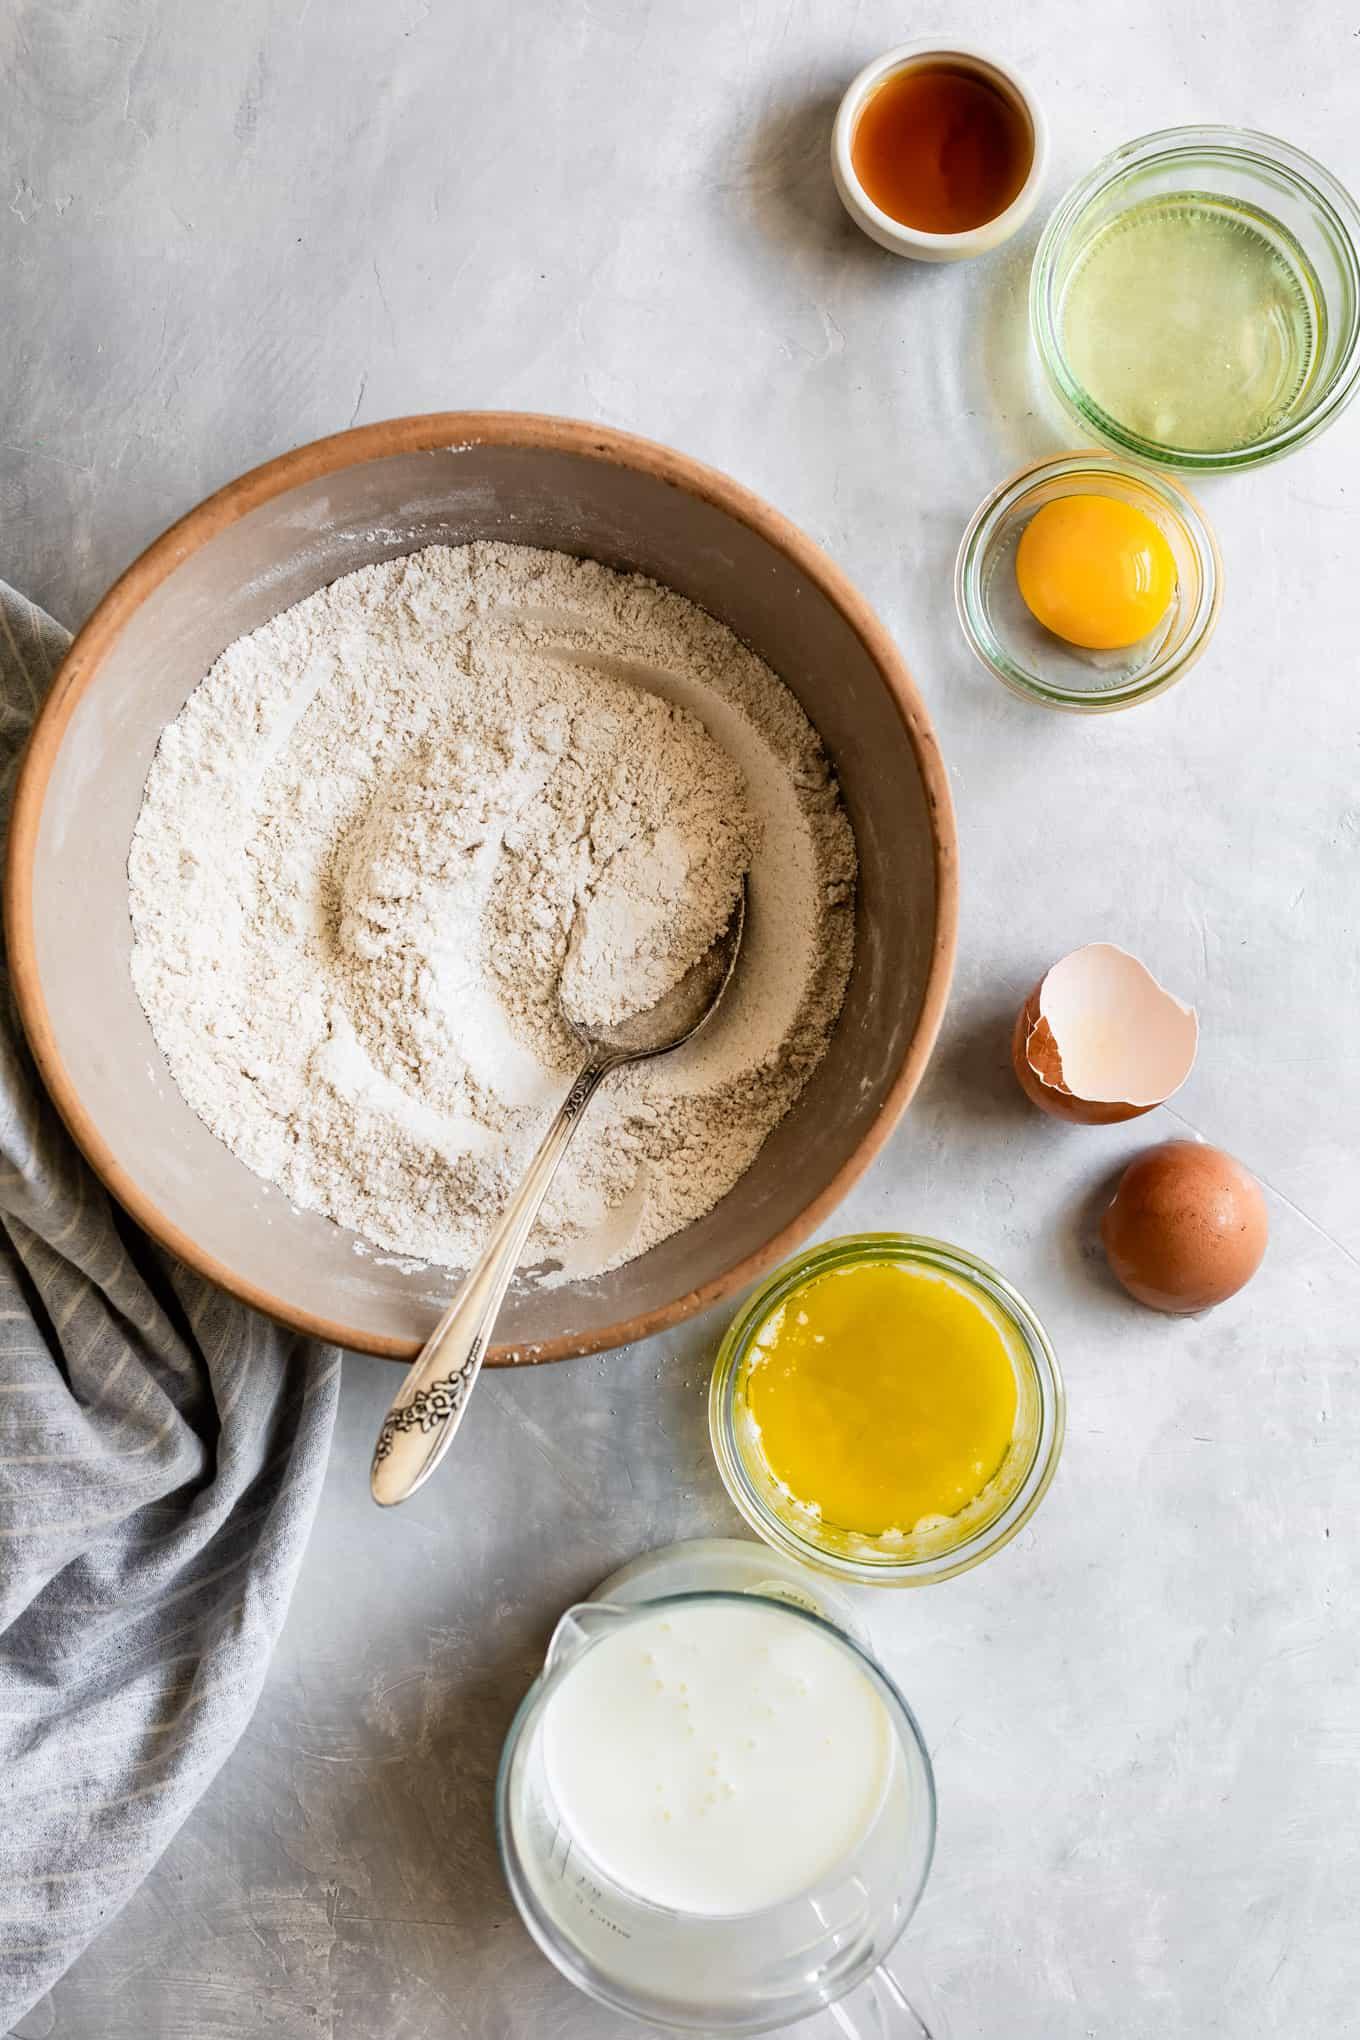 Make-ahead gluten-free pancake mix ingredients